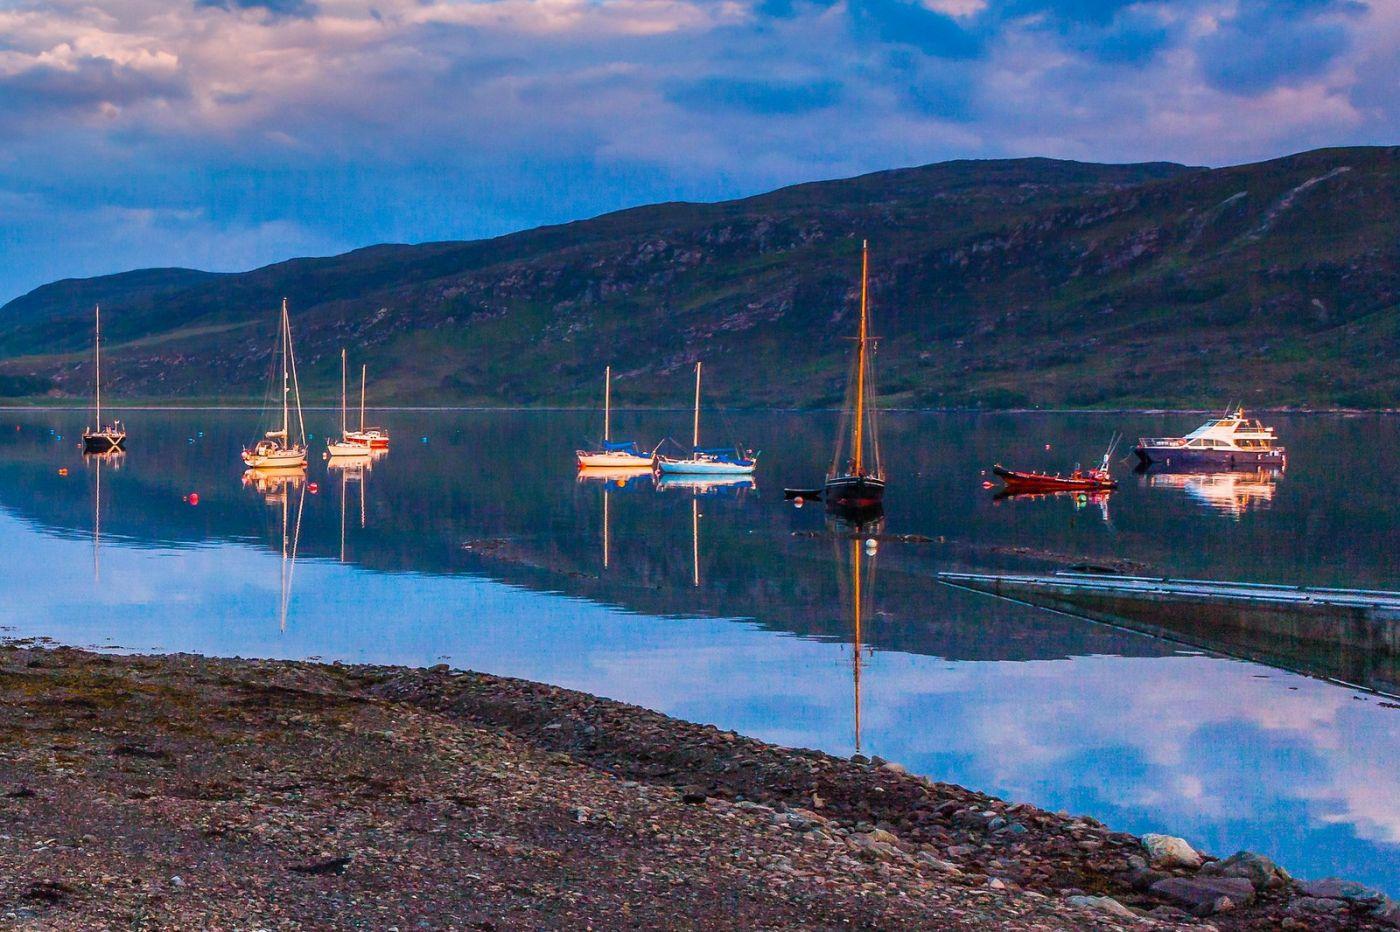 苏格兰阿勒浦(Ullapool),如镜的湖面_图1-16